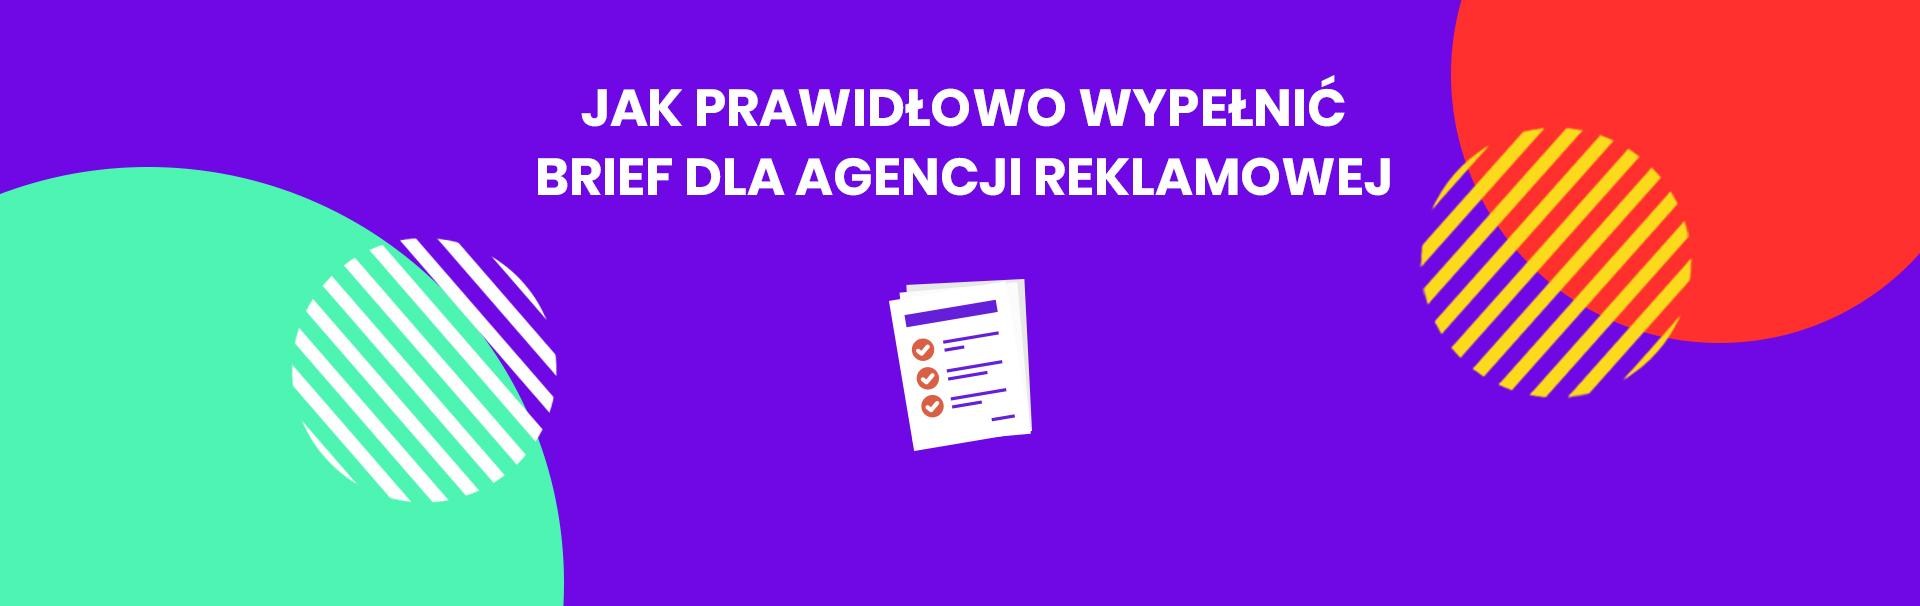 grafika z tekstem jak prawidłowo wypełnić brief dla agencji reklamowej